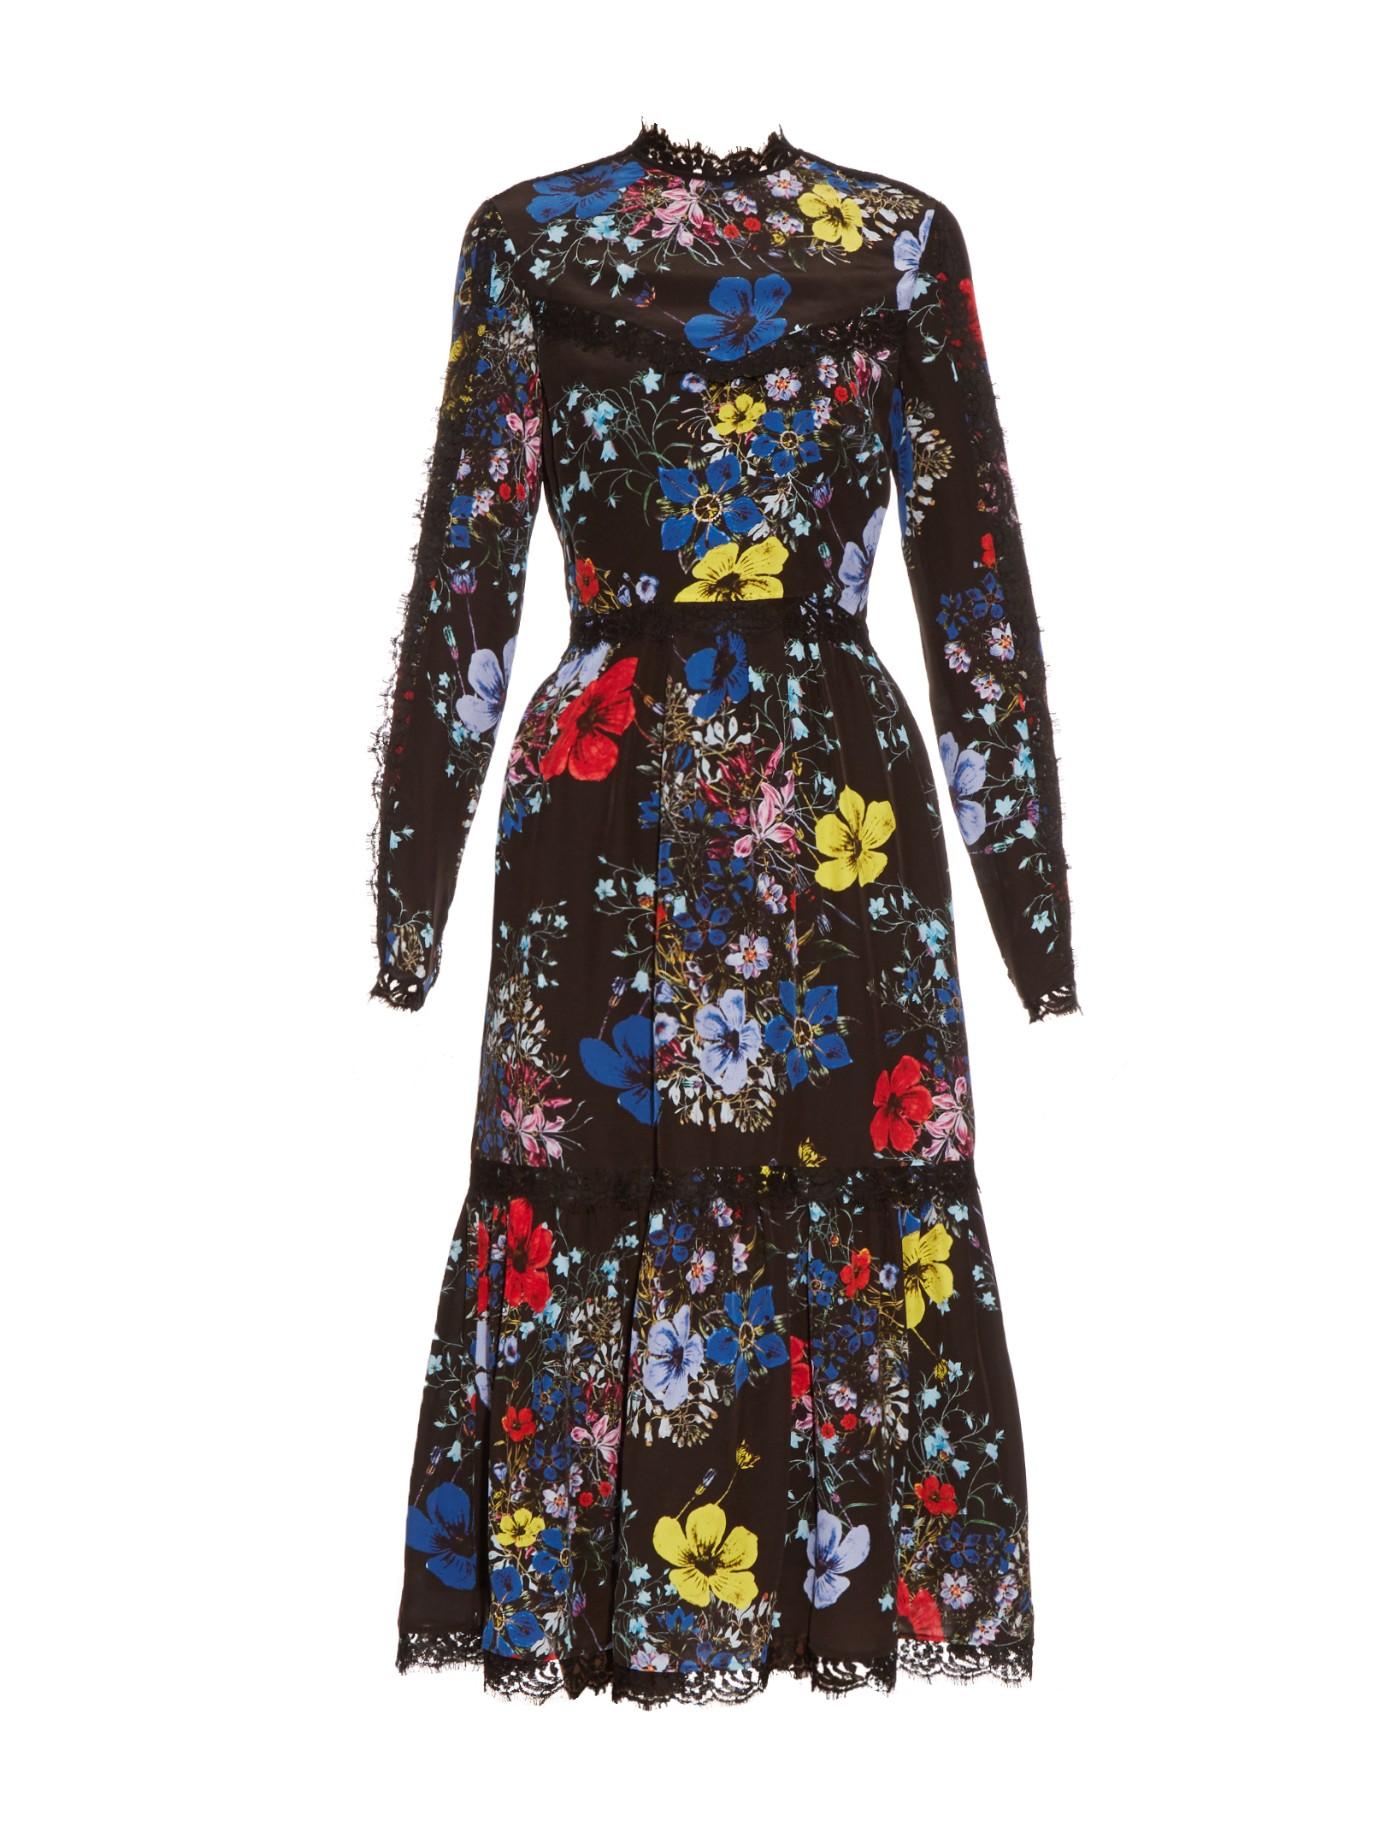 Erdem Floral Dress Black